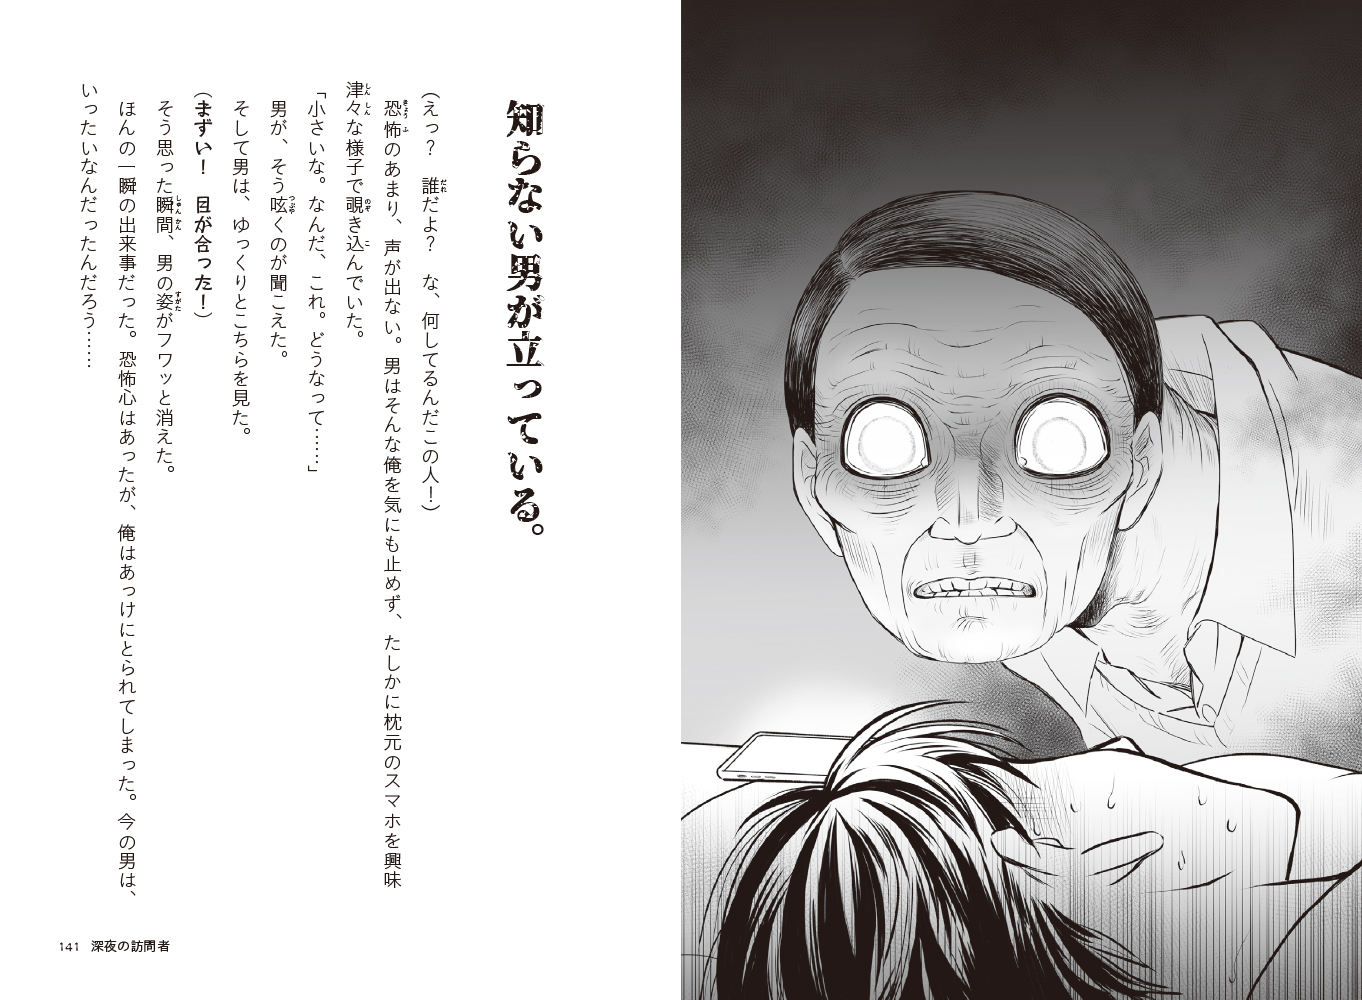 「その幽霊は 俺のスマホを覗き込んで」紙面